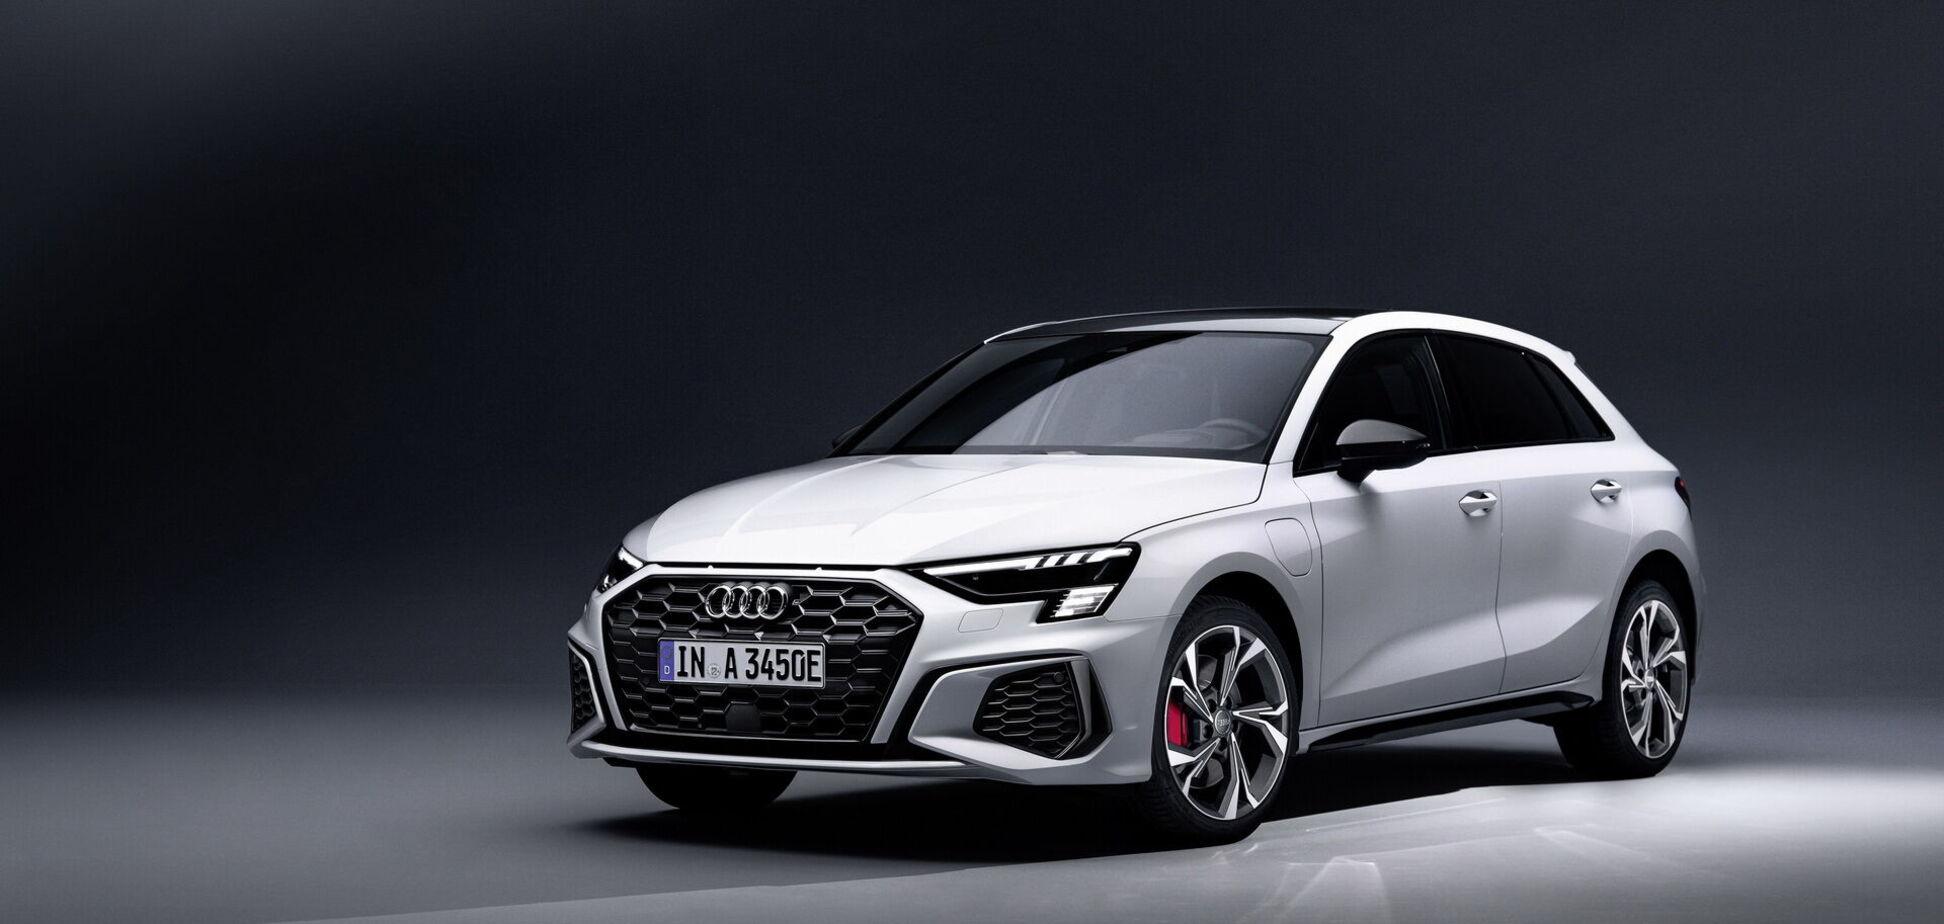 Audi розпочала продаж гібридного хетчбека A3 Sportback 45 TFSI e